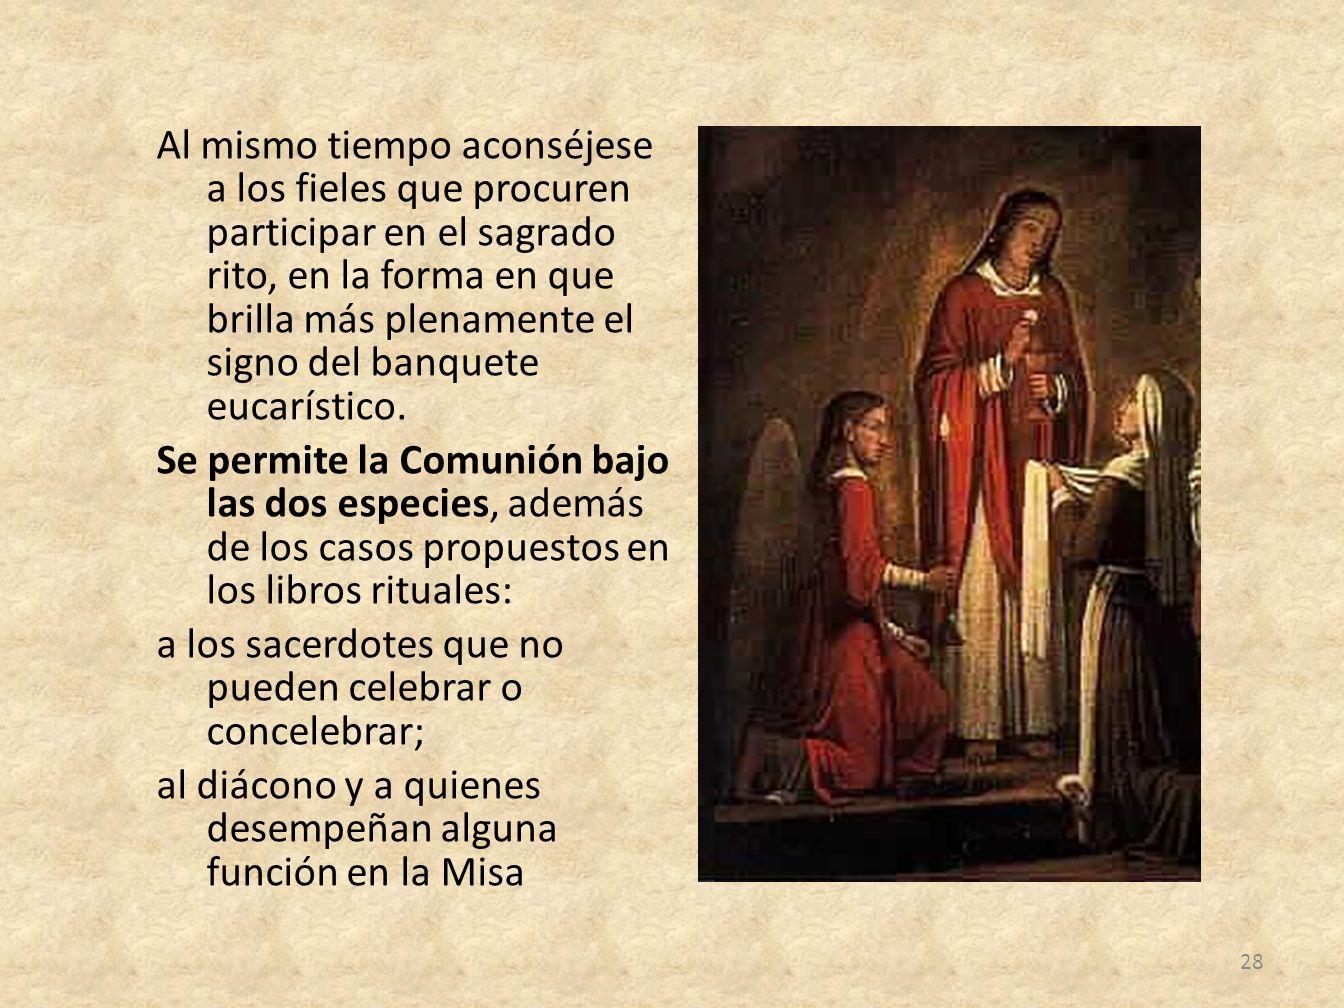 Al mismo tiempo aconséjese a los fieles que procuren participar en el sagrado rito, en la forma en que brilla más plenamente el signo del banquete eucarístico.